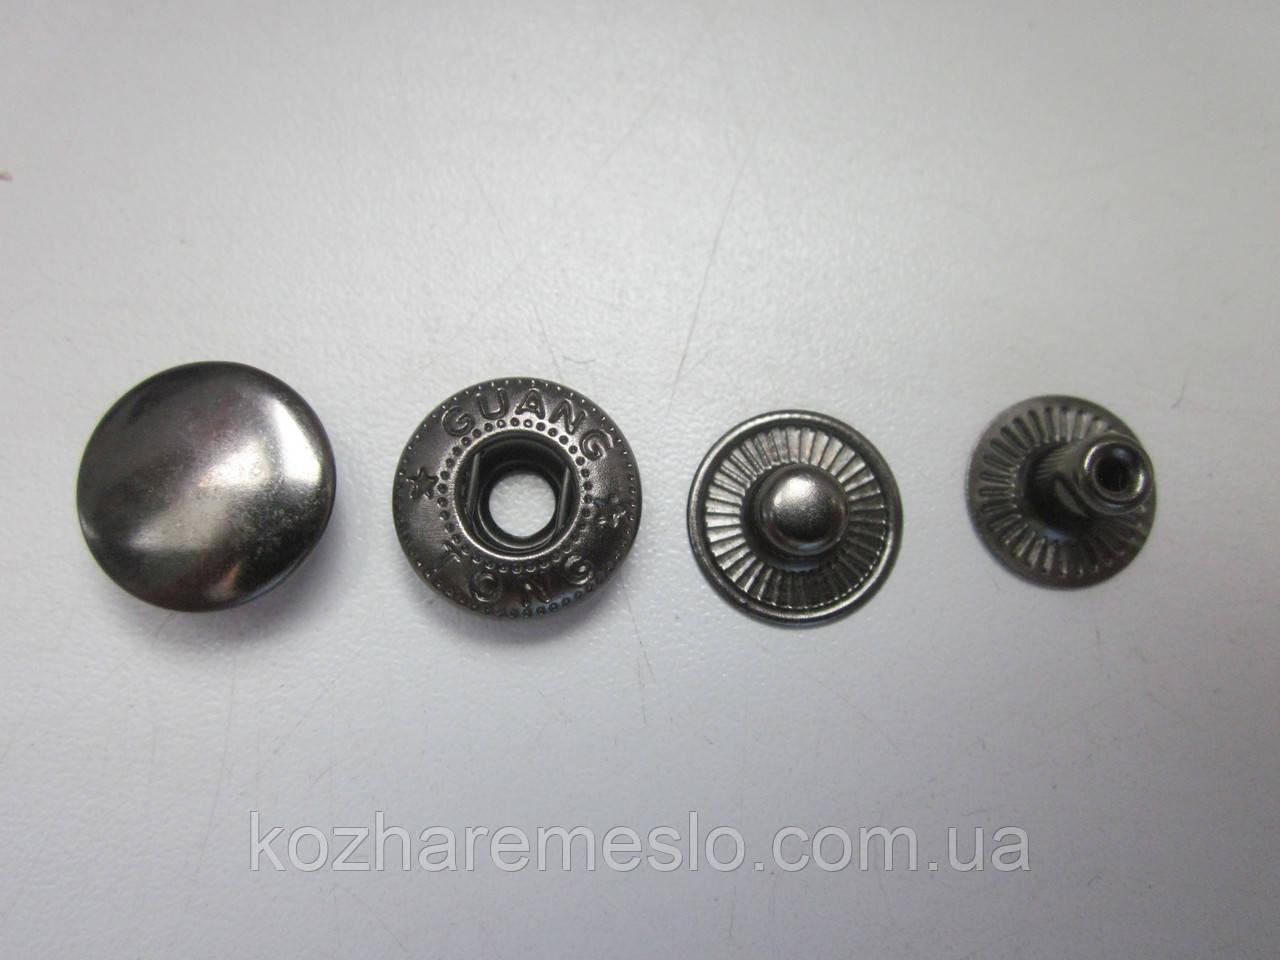 Кнопка альфа 10 мм тёмный никель